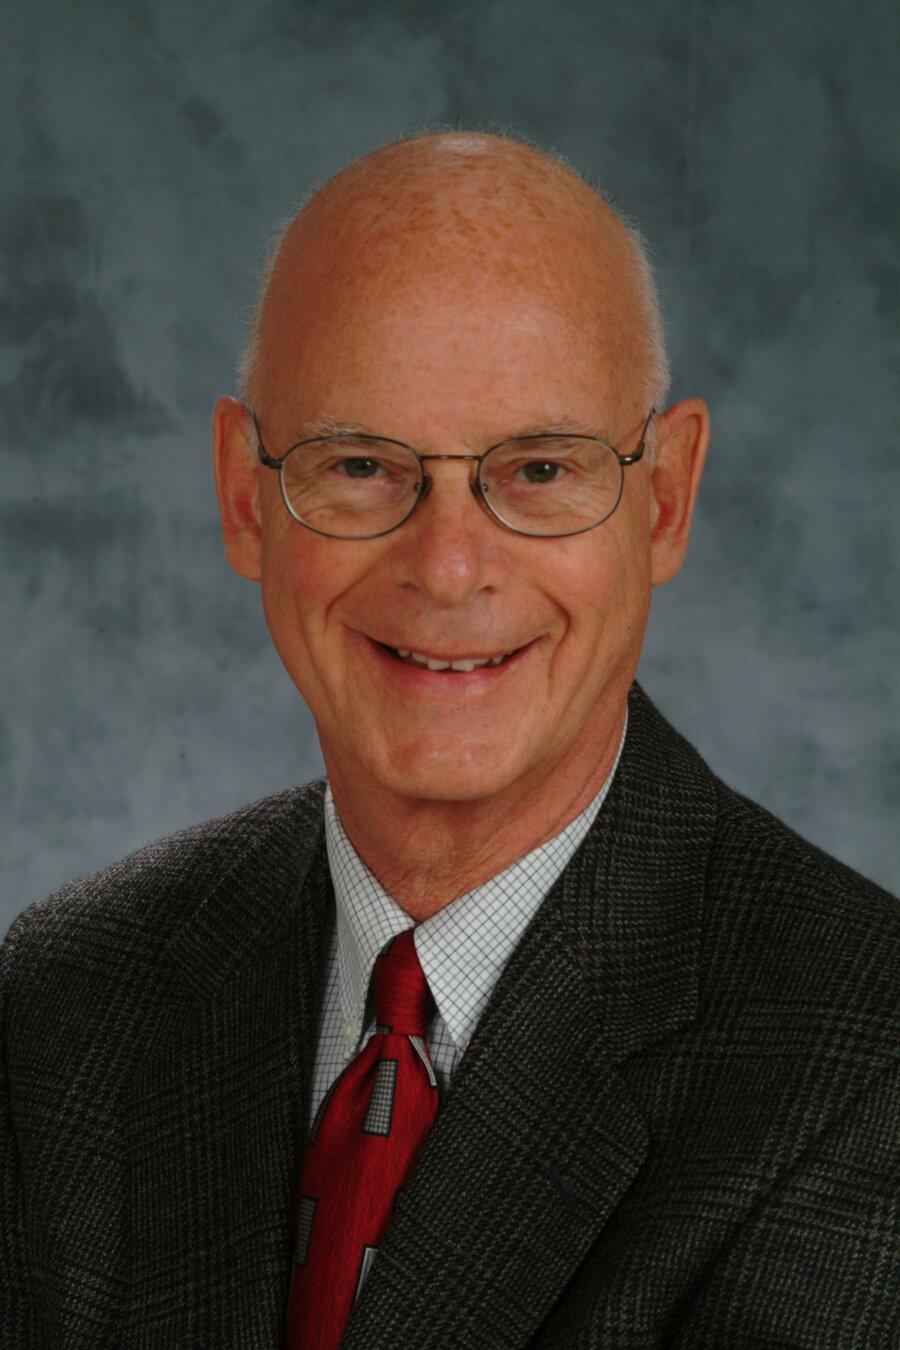 Dr. Bill Feldman